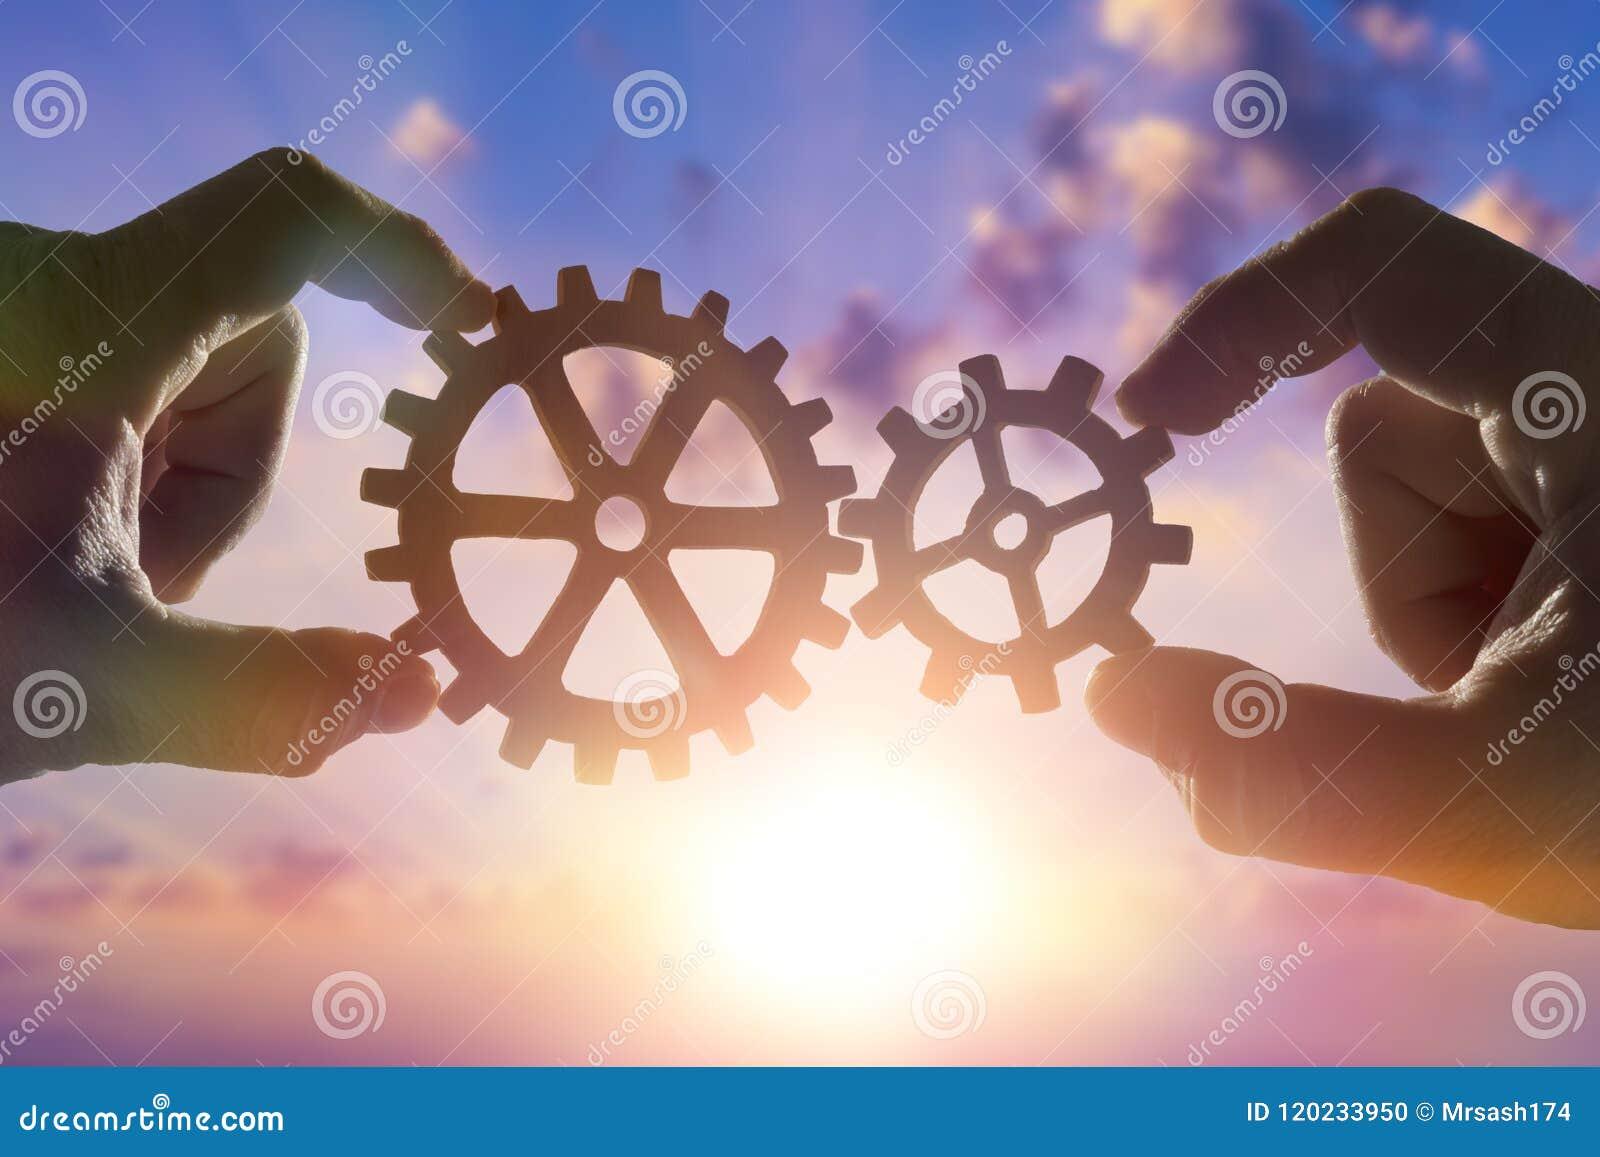 Deux mains relient les vitesses, les détails du puzzle contre le ciel avec le coucher du soleil